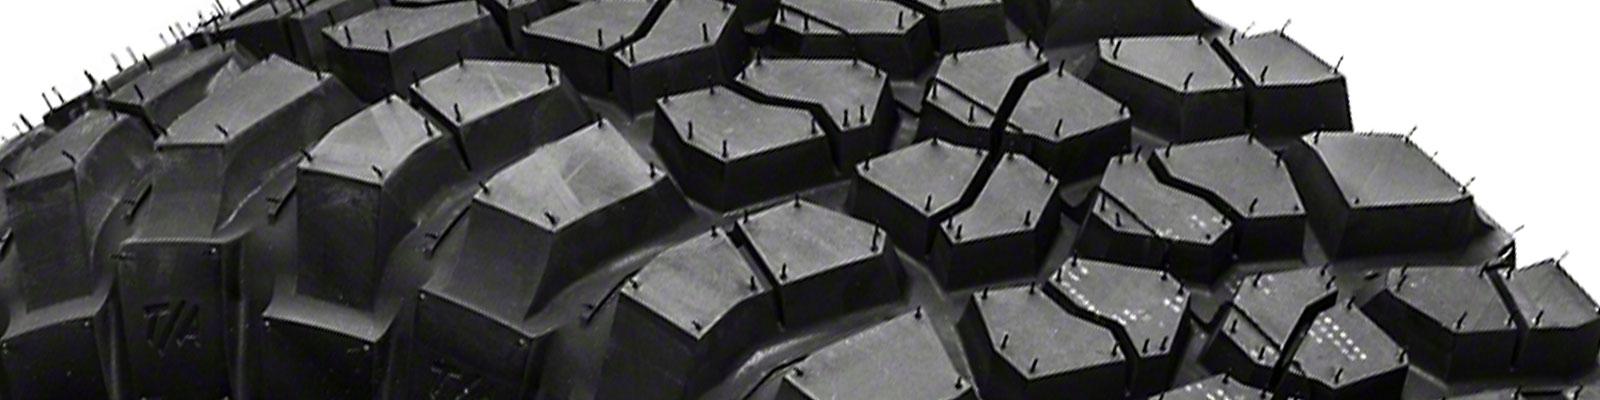 Off Road & Mud Terrain Tyres